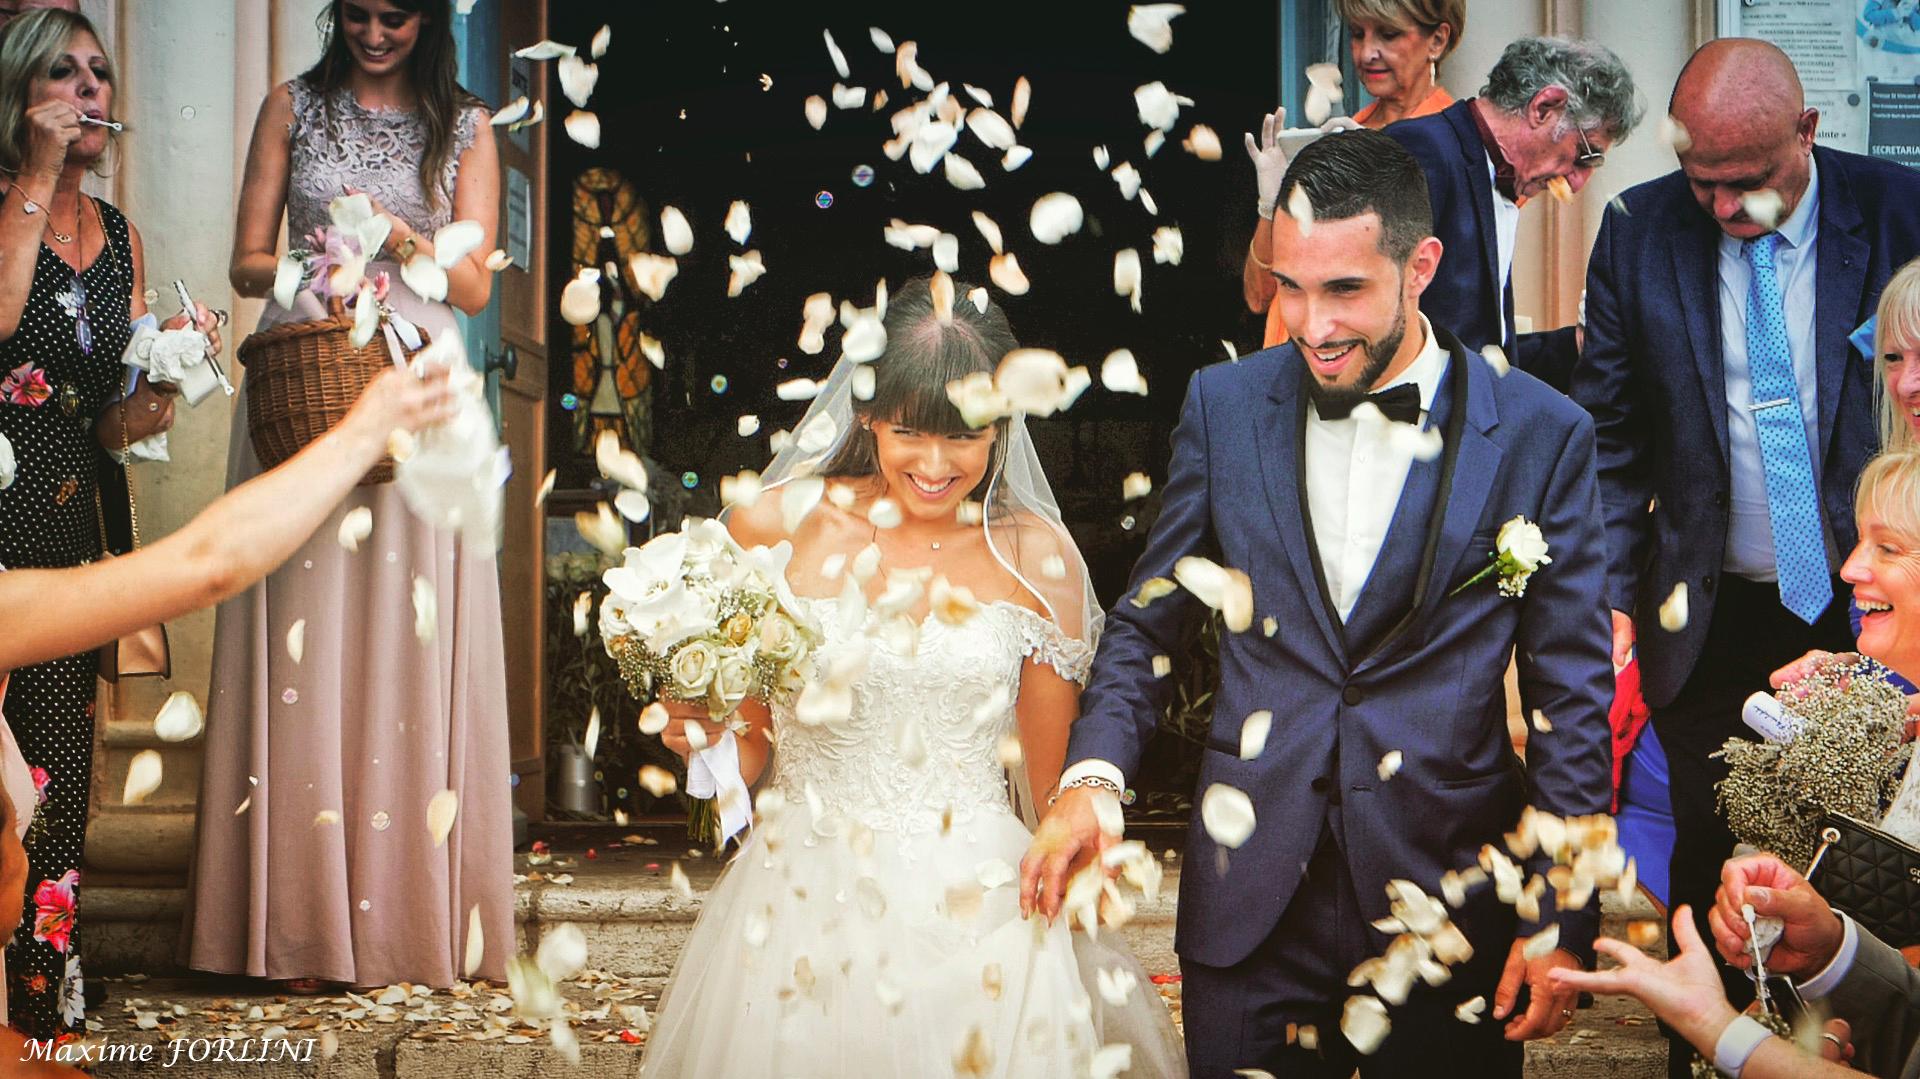 Azur-Corp-videaste-mariage-photographe-pernes-les-fontaines-avignon-monteux-isle-sur-sorgue-forlini